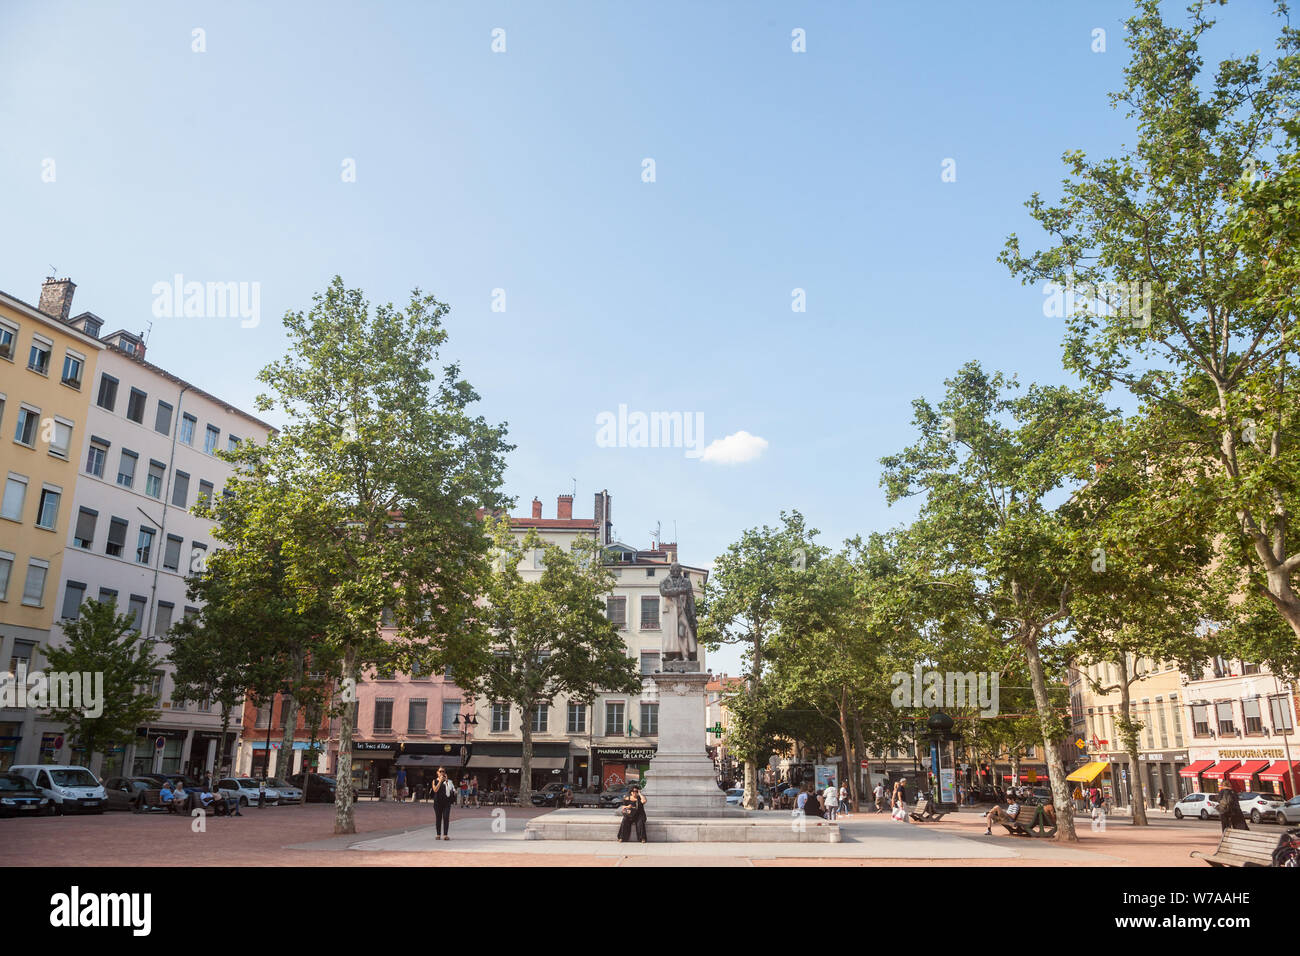 LYON, FRANCE - JULY 17, 2019: Jacquard statue on place de la Croix Rousse Square, one of the main landmark of the city center of Lyon, in Croix Rousse Stock Photo